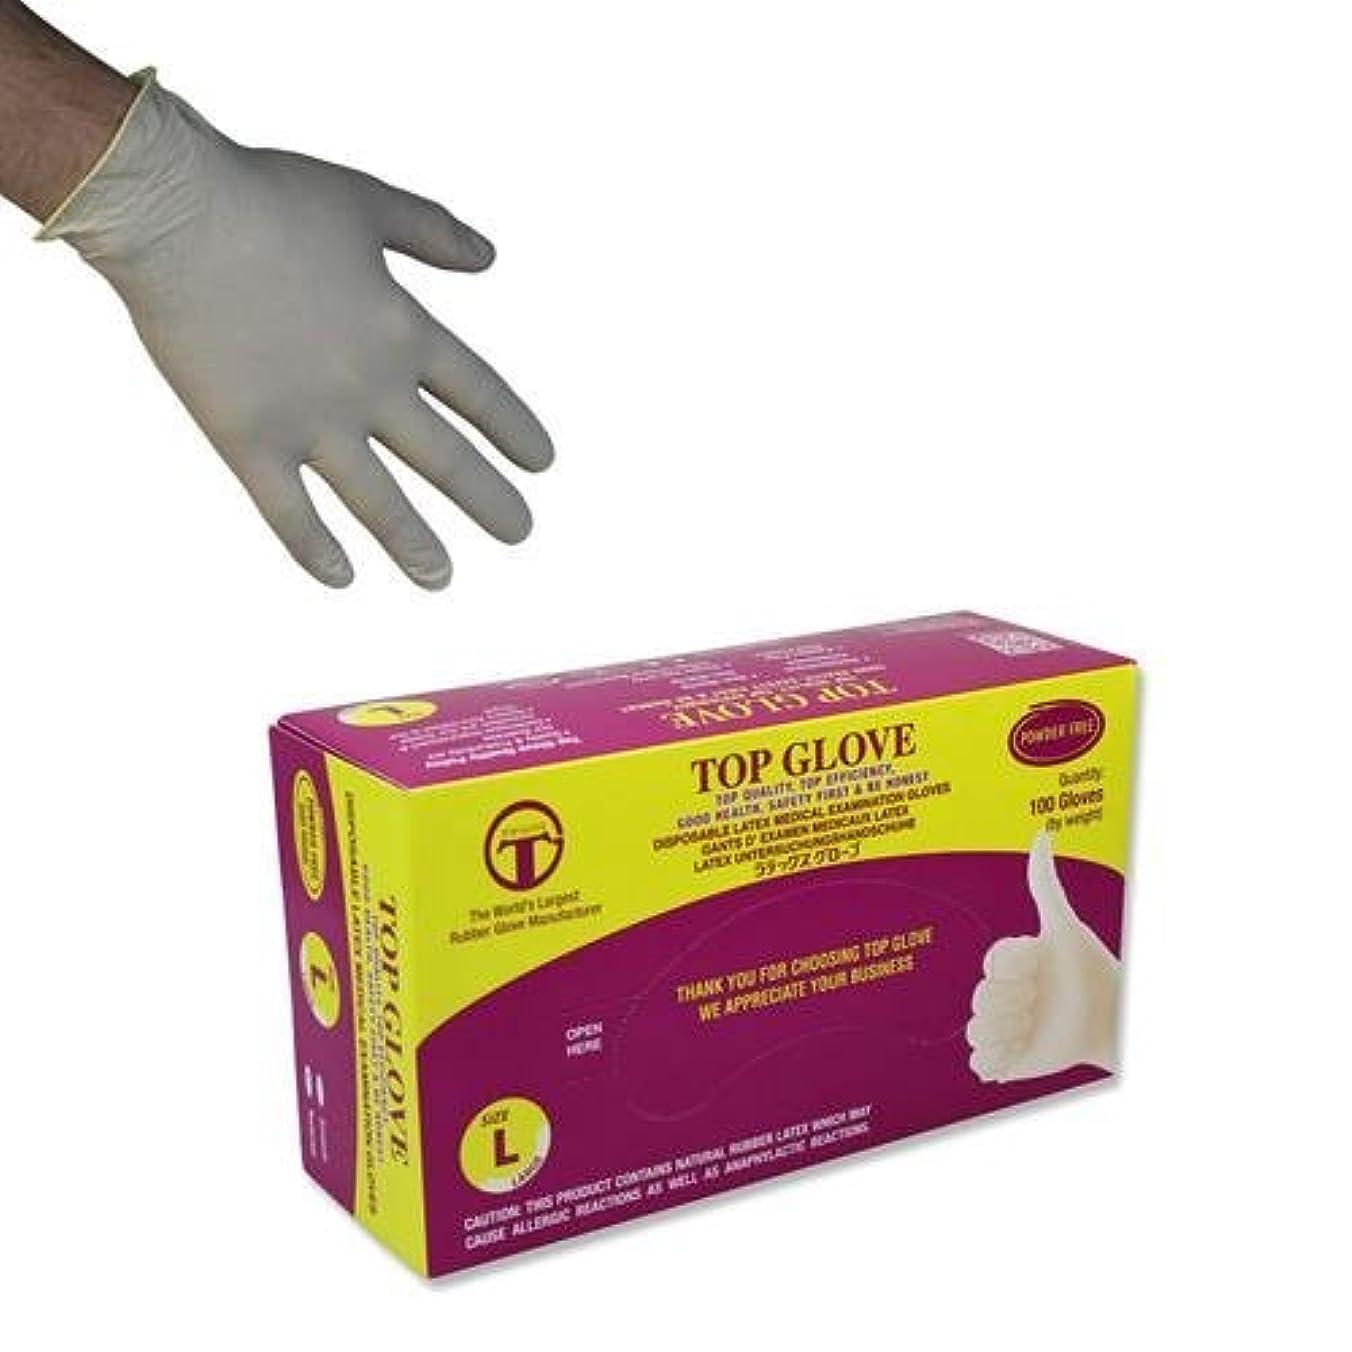 借りているマンハッタンたくさんトップグローブパウダーフリーの使い捨てラテックス手袋 - AQL 1.5-100箱(小)